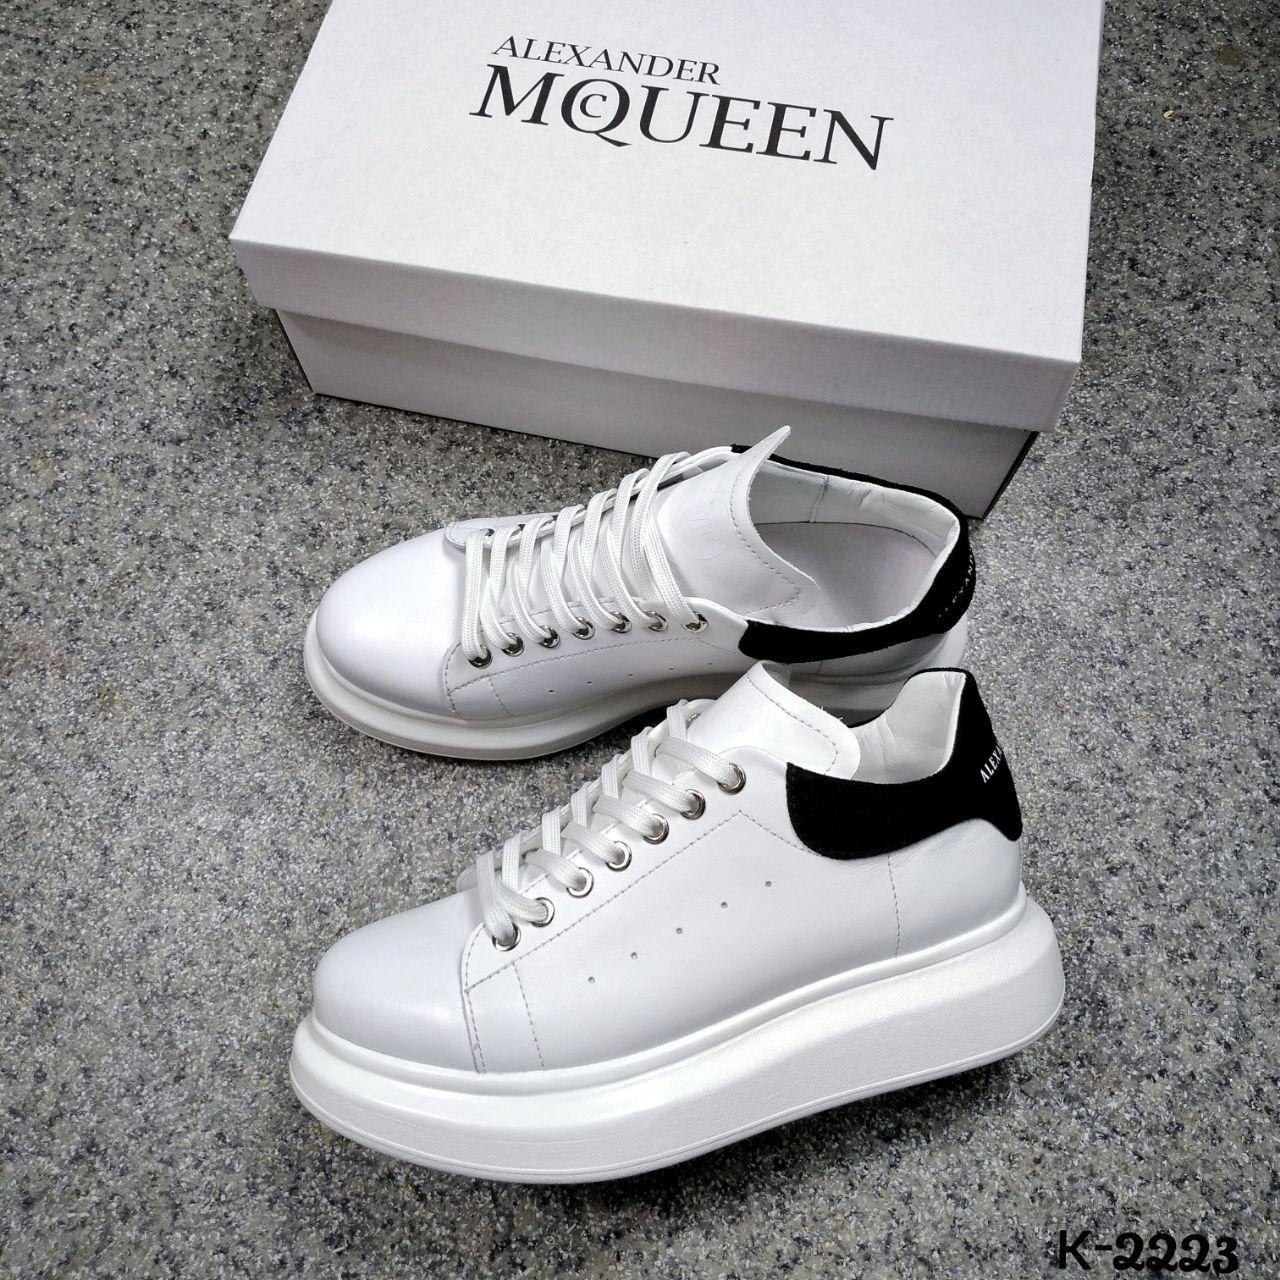 Кроссовки в стилеAlexander MQveen чёрная замшевая пятка  Цвет: белый натуральная кожа